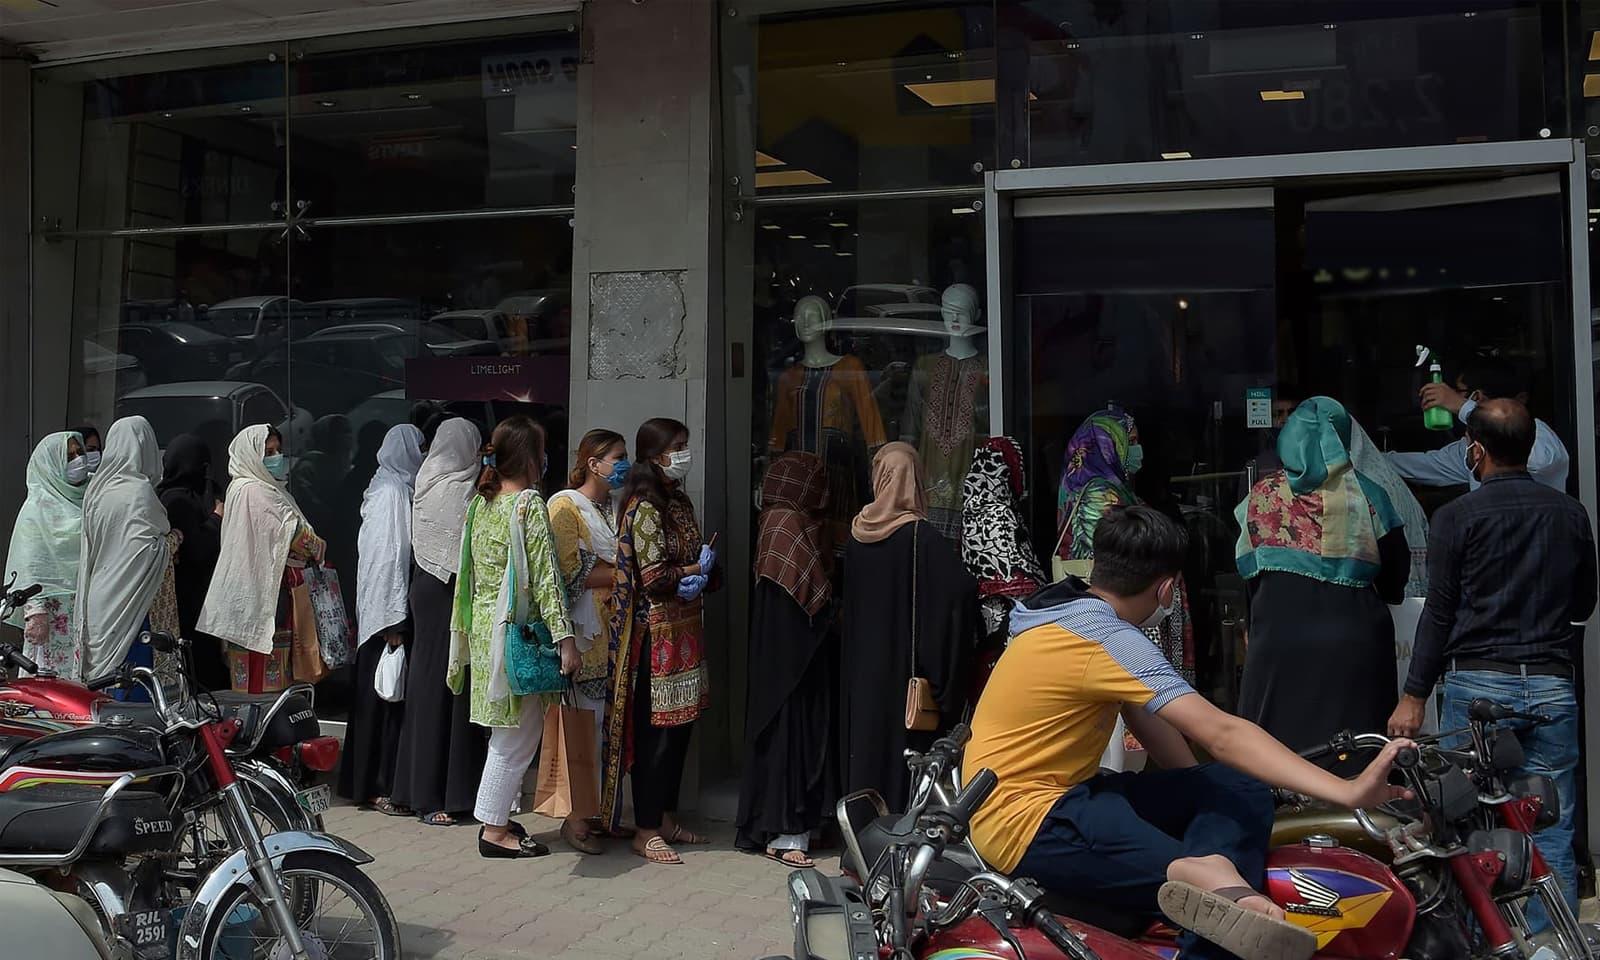 شہر کے اکثر مقامات اور بڑی بڑی دکانوں پر خریداری کے لیے عوام کی قطاریں نظر آئیں اور راولپنڈی کے بازار میں بھی عوام نے احتیاطی تدابیر اختیار نہیں کیں— فوٹو: اے ایف پی